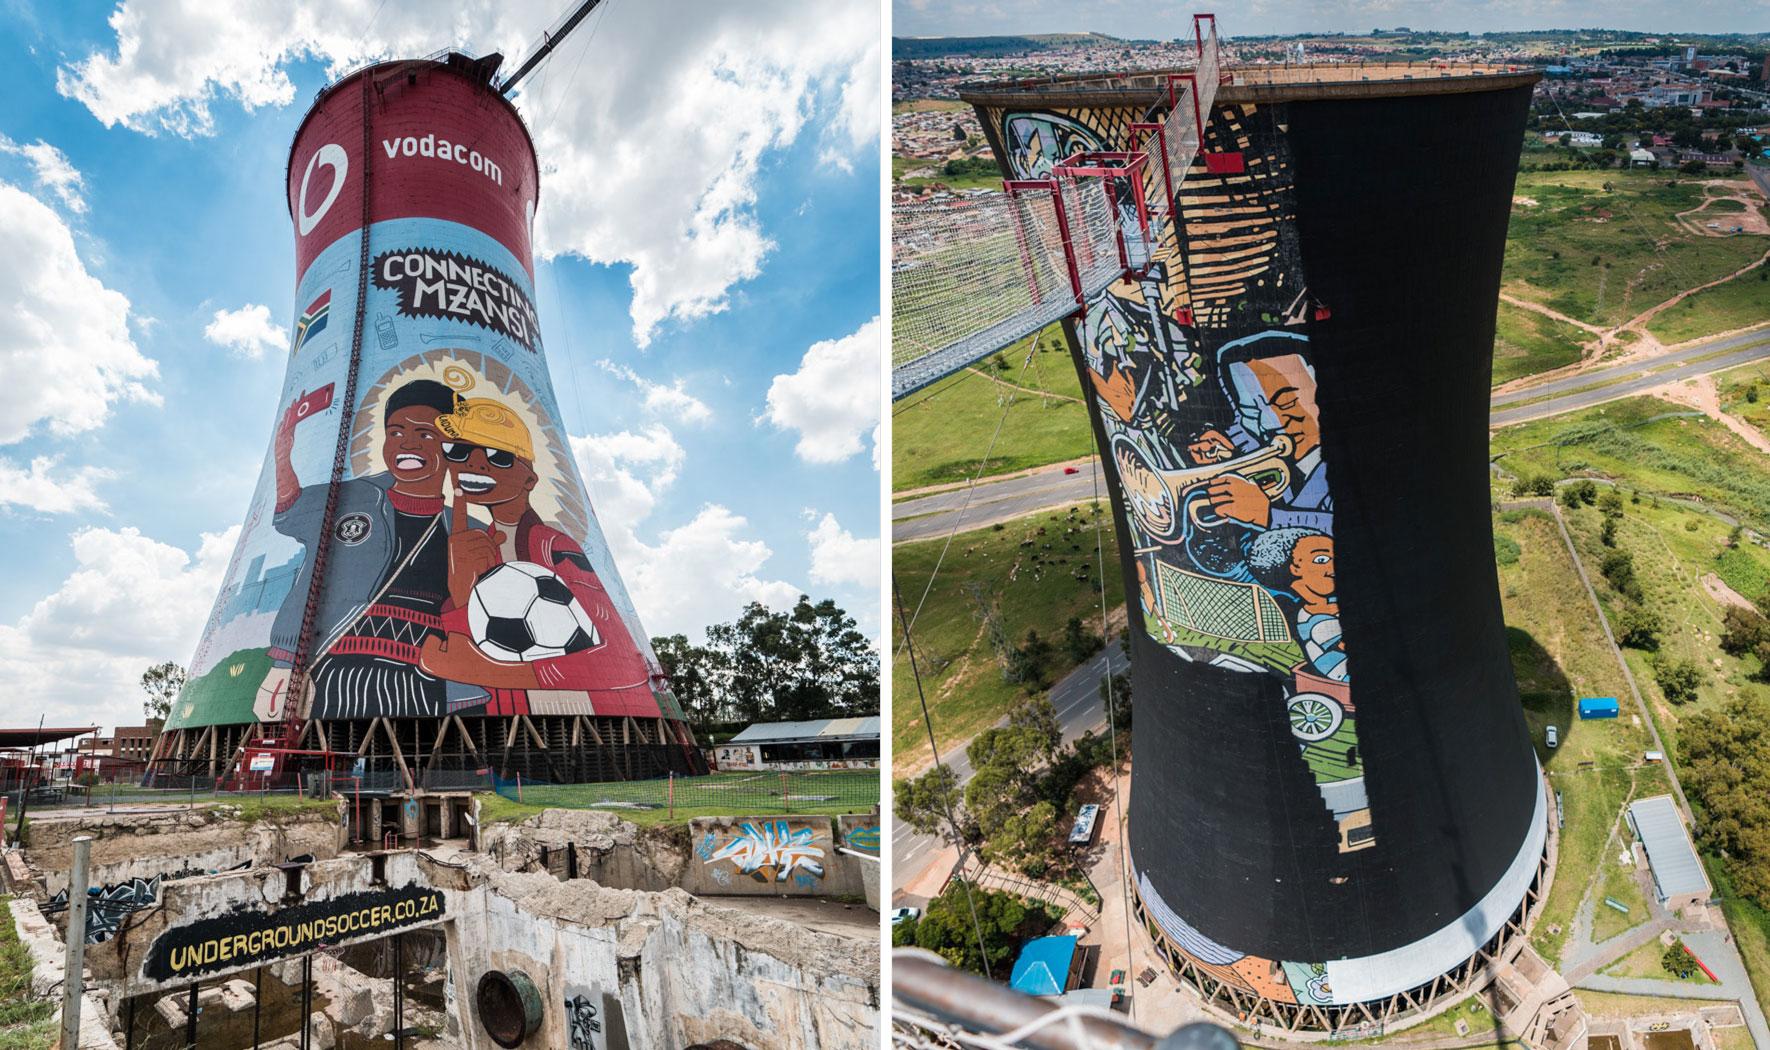 Orlando Towers neue Werbung